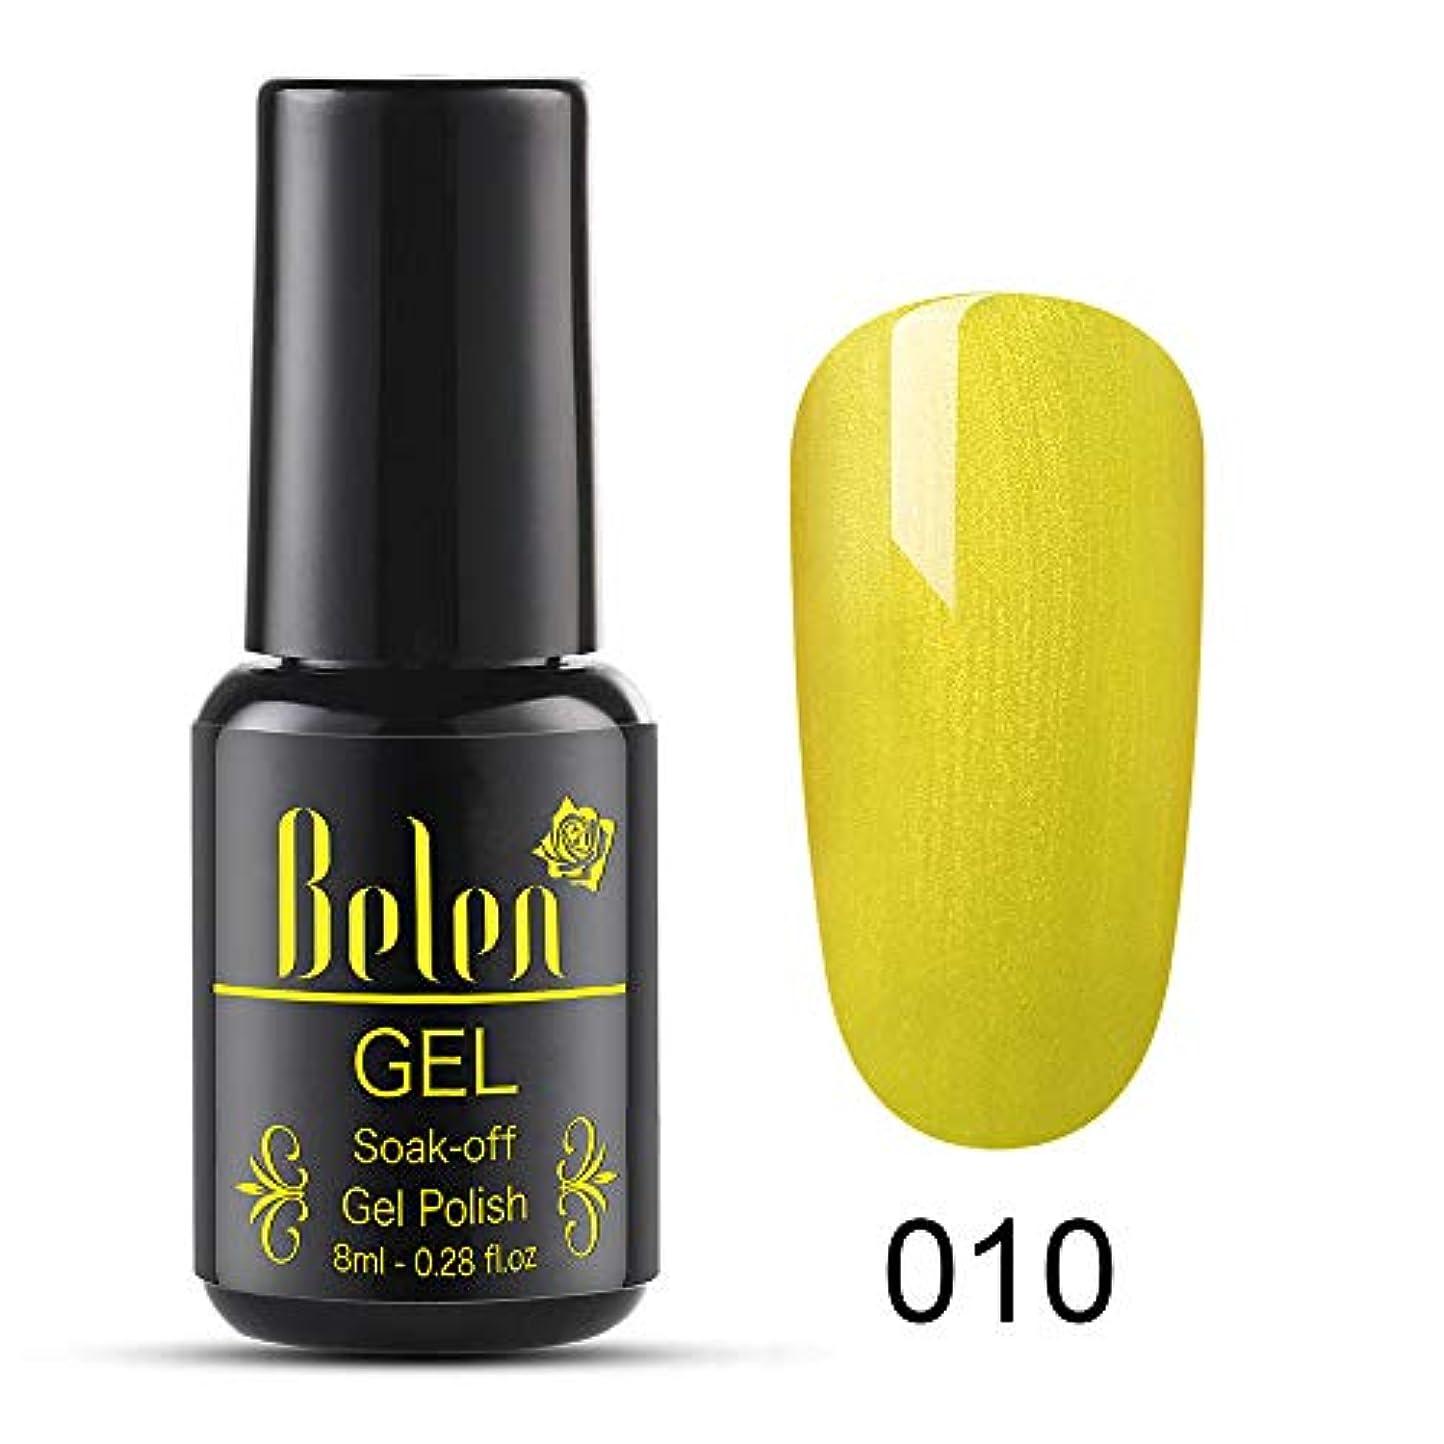 Belen ジェルネイル カラージェル 超長い蓋 塗りが便利 1色入り 8ml【全42色選択可】